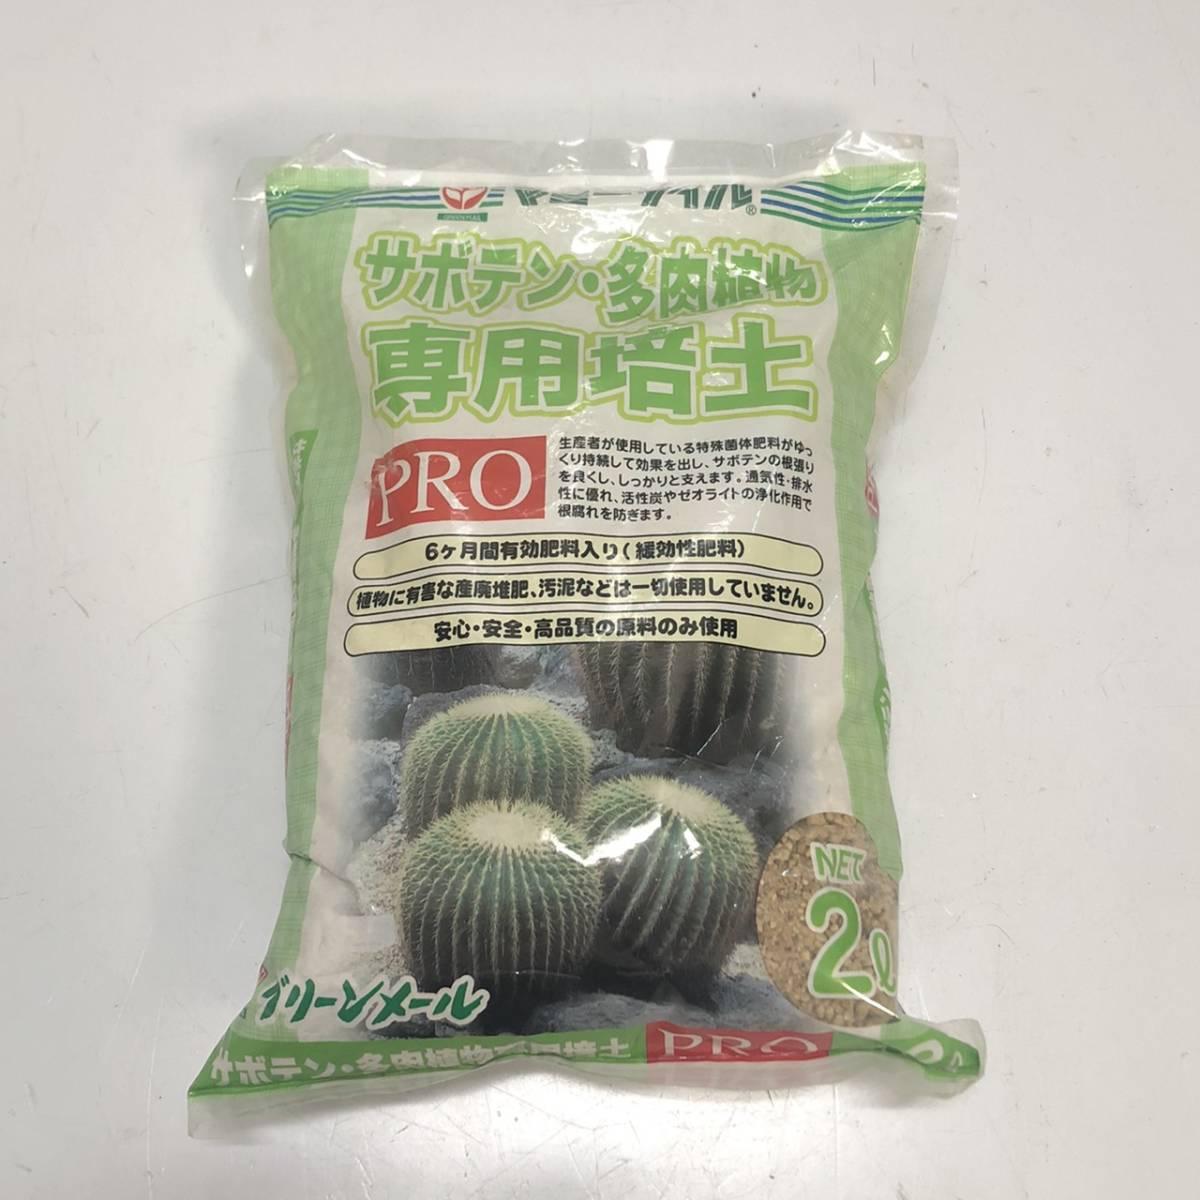 ★☆マミーソイル サボテン・多肉植物専用培土 PRO 未使用☆★_画像1